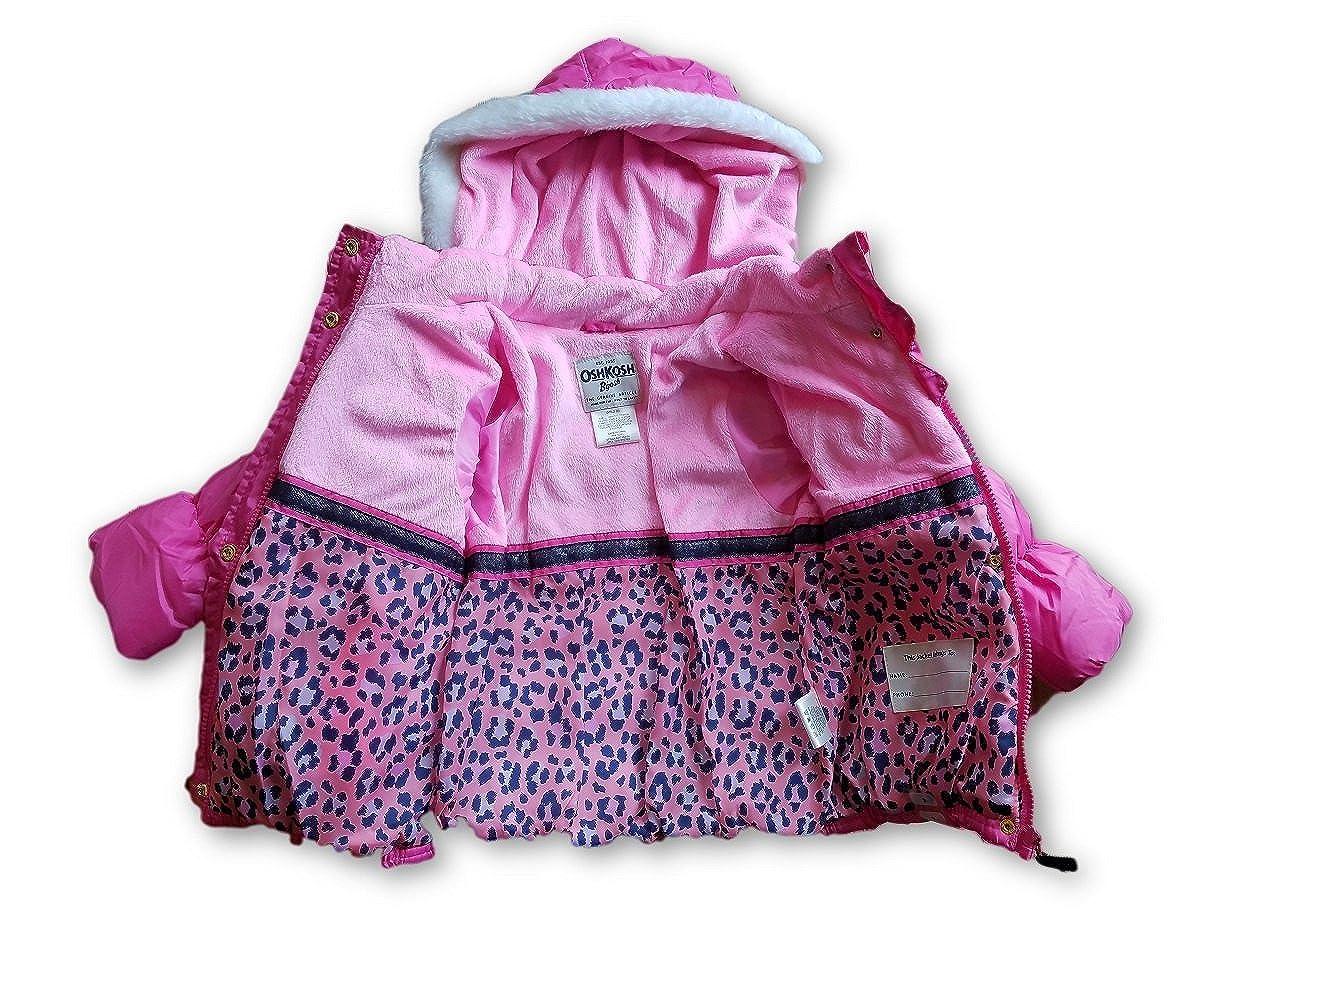 Oshkosh Bgosh Girls Faux Fur Coat Pink, 4